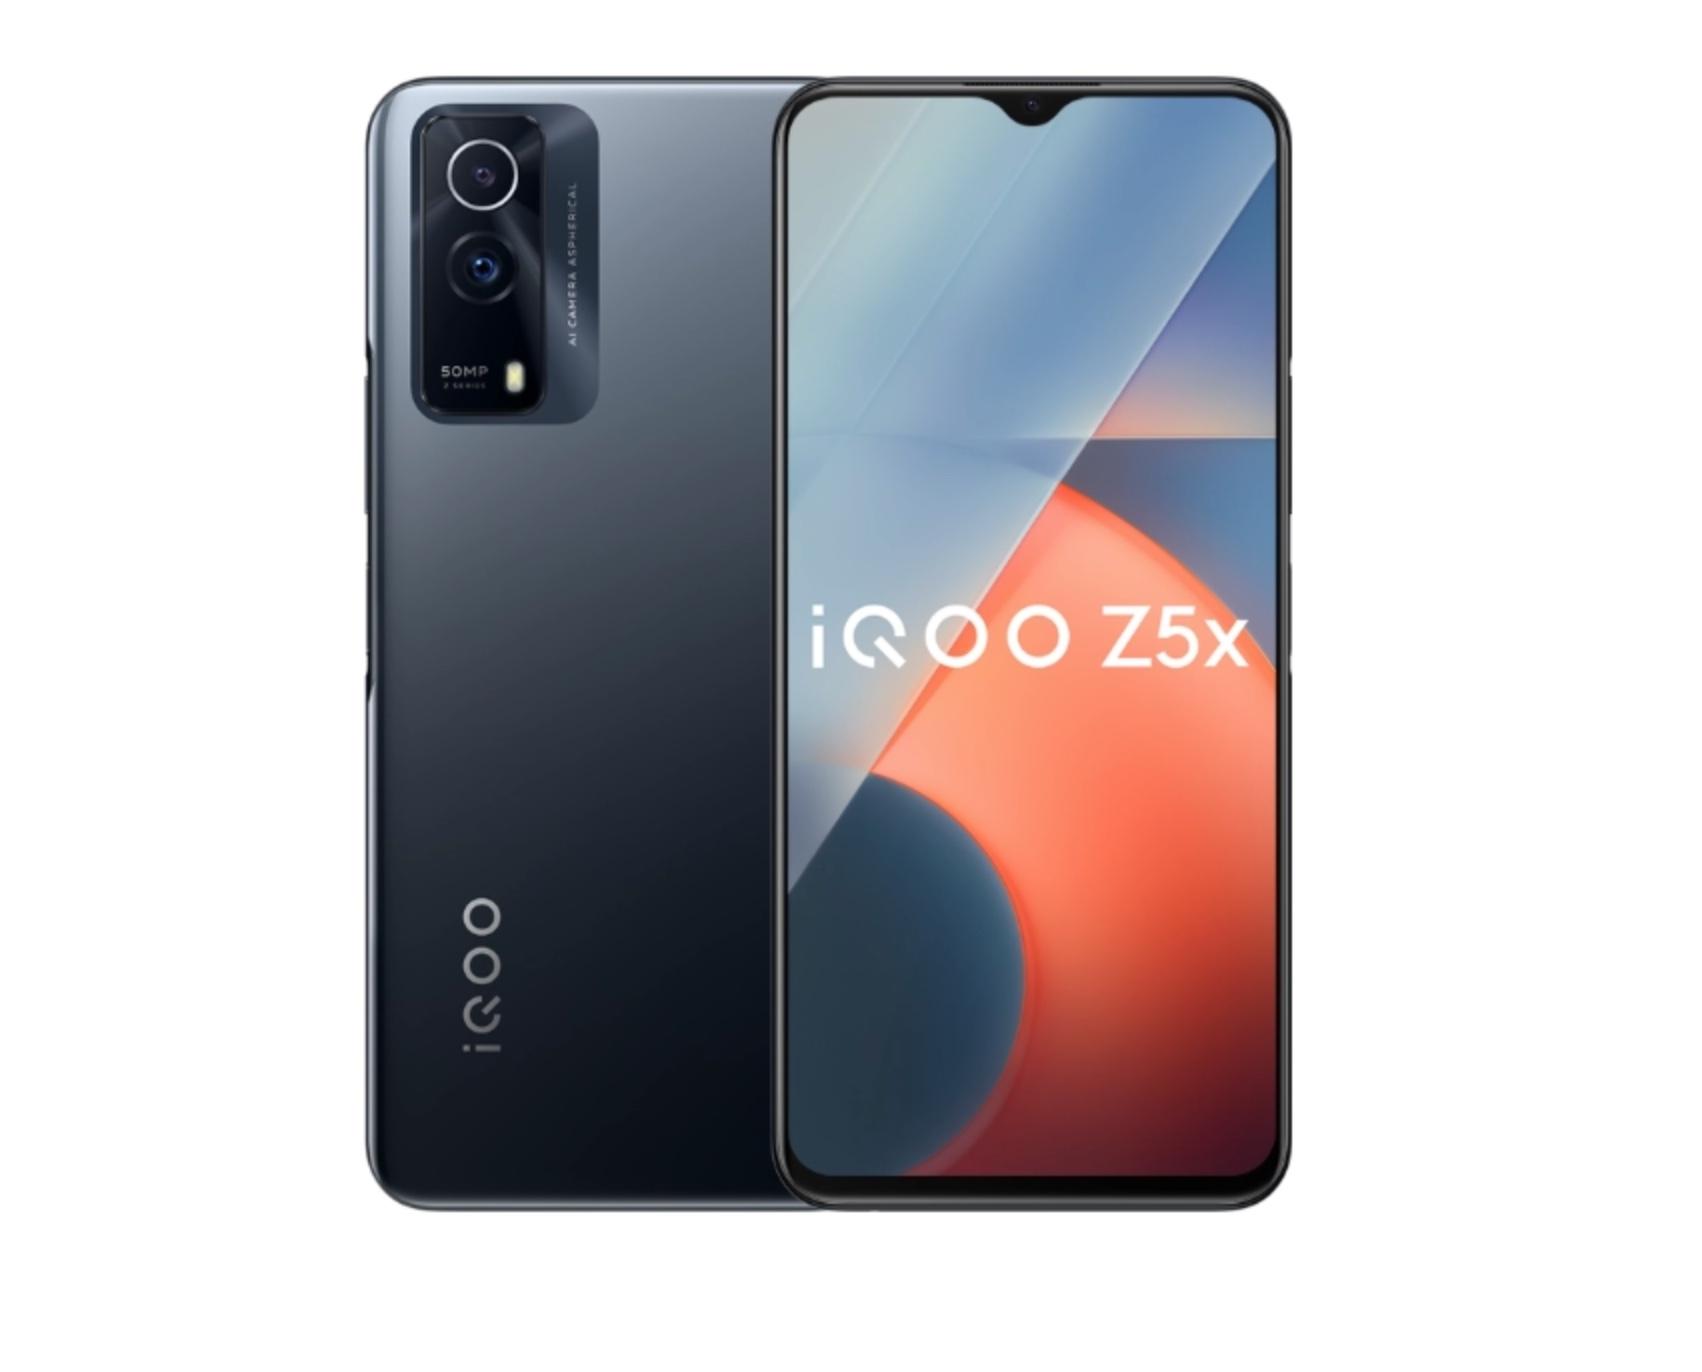 تفاصيل الاعلان عن هاتف vivo iQOO Z5x بشاشة ١٢٠ هرتز ومواصفات قوية